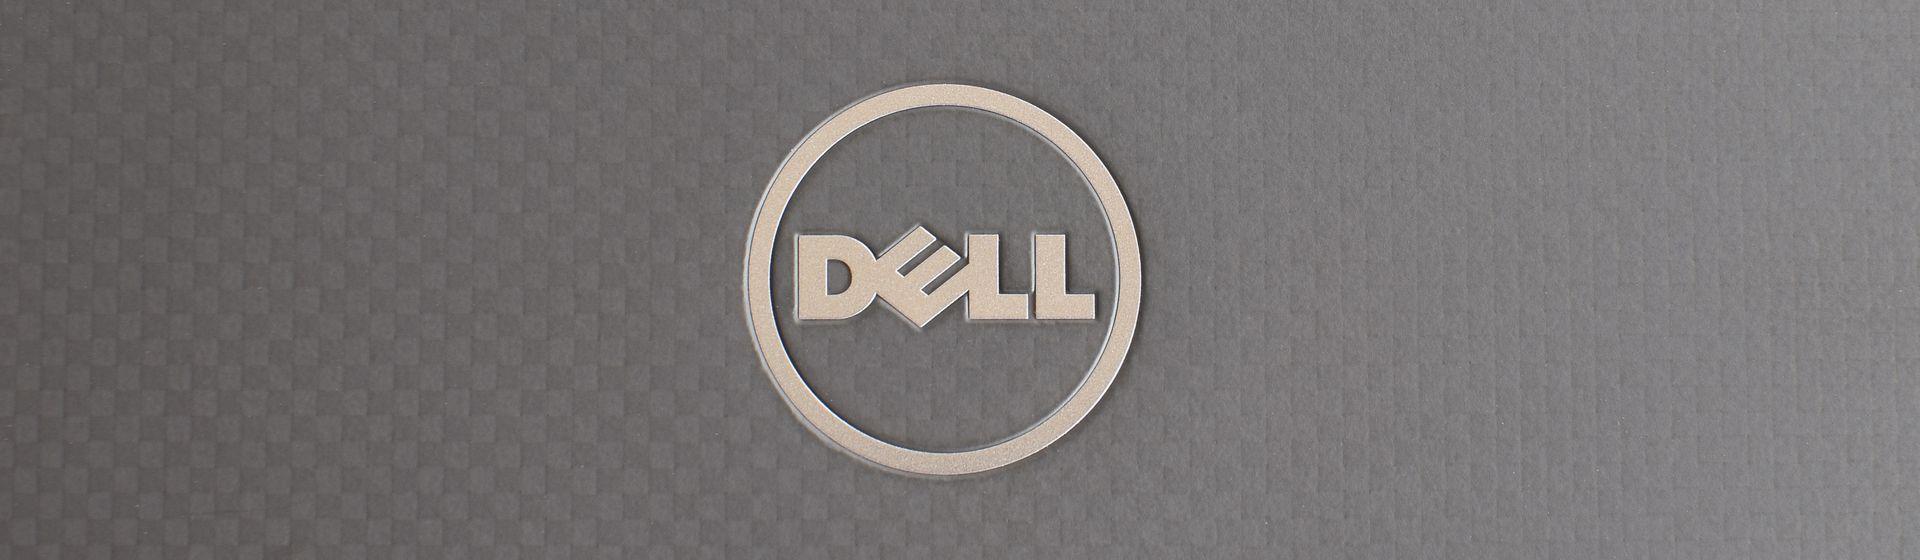 Melhor notebook Dell i5: veja 7 modelos para comprar em 2021